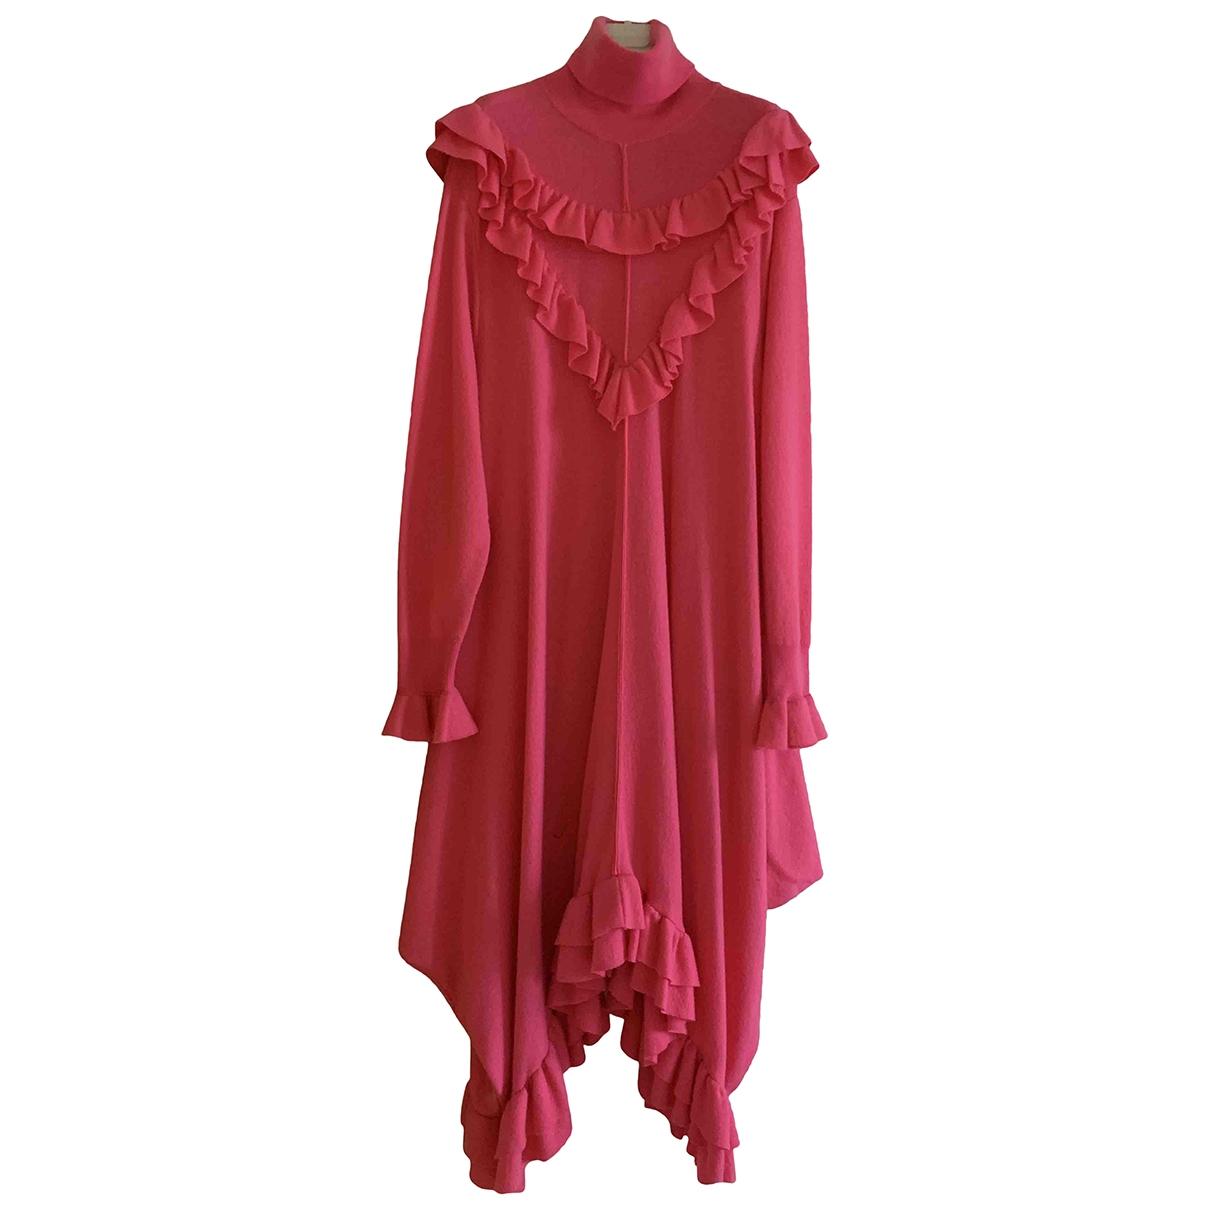 Stella Mccartney \N Pink Wool dress for Women 38 IT